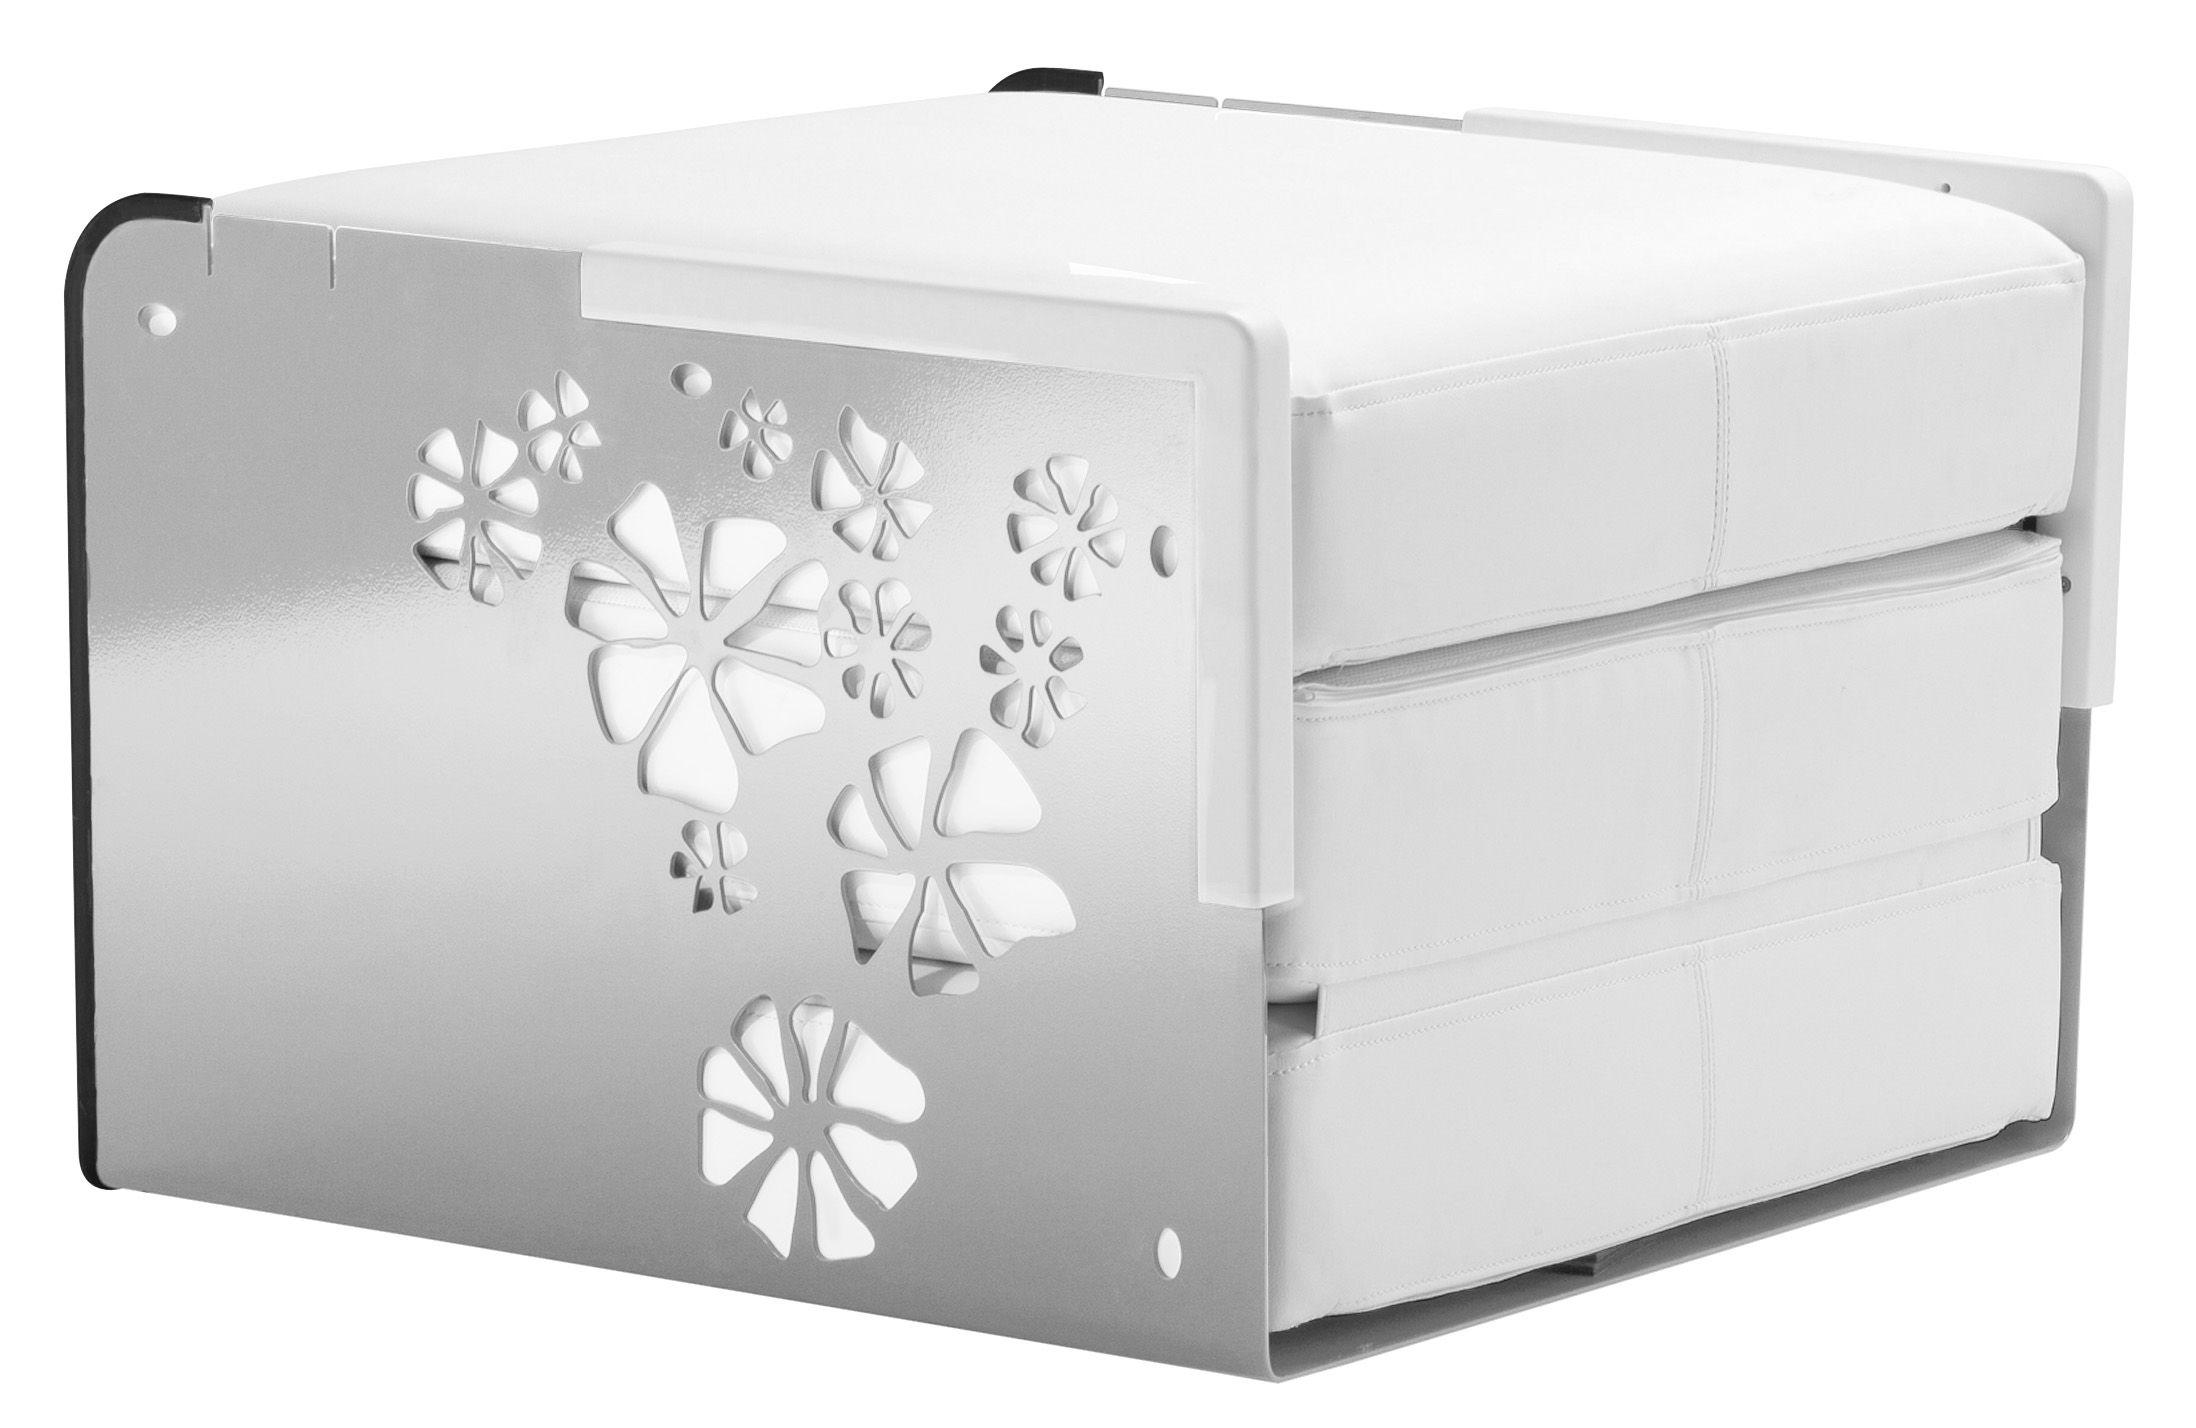 Mobilier - Poufs - Chauffeuse convertible Kube / Bain de soleil, table basse - EGO Paris - Structure argent avec angles blancs / Coussins blancs - Aluminium laqué, Corian, Vinyle